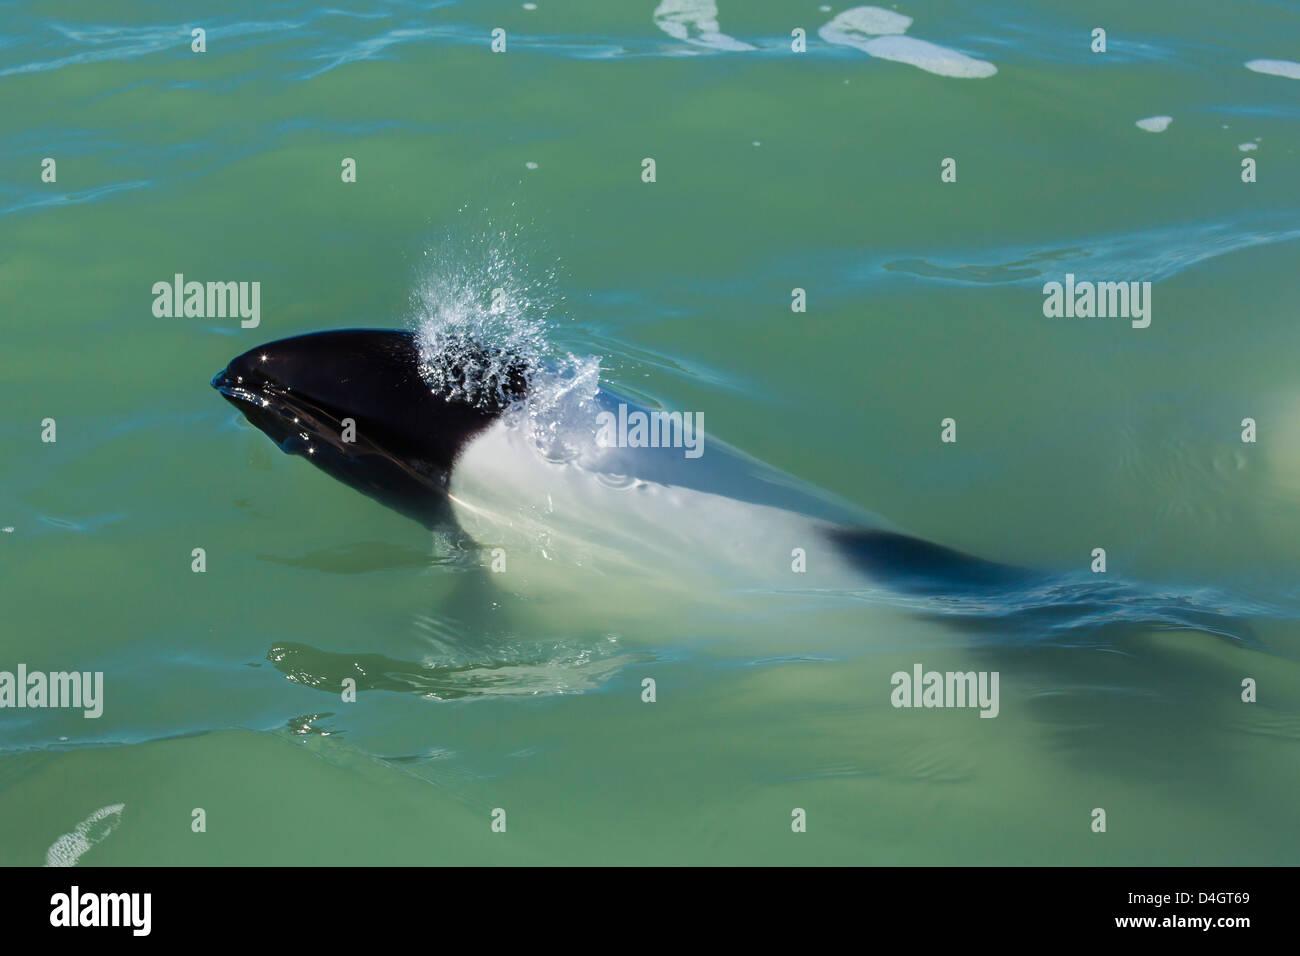 Adult Commerson's dolphin, Rio Deseado, Puerto Deseado, Santa Cruz, Patagonia, Argentina, South America - Stock Image